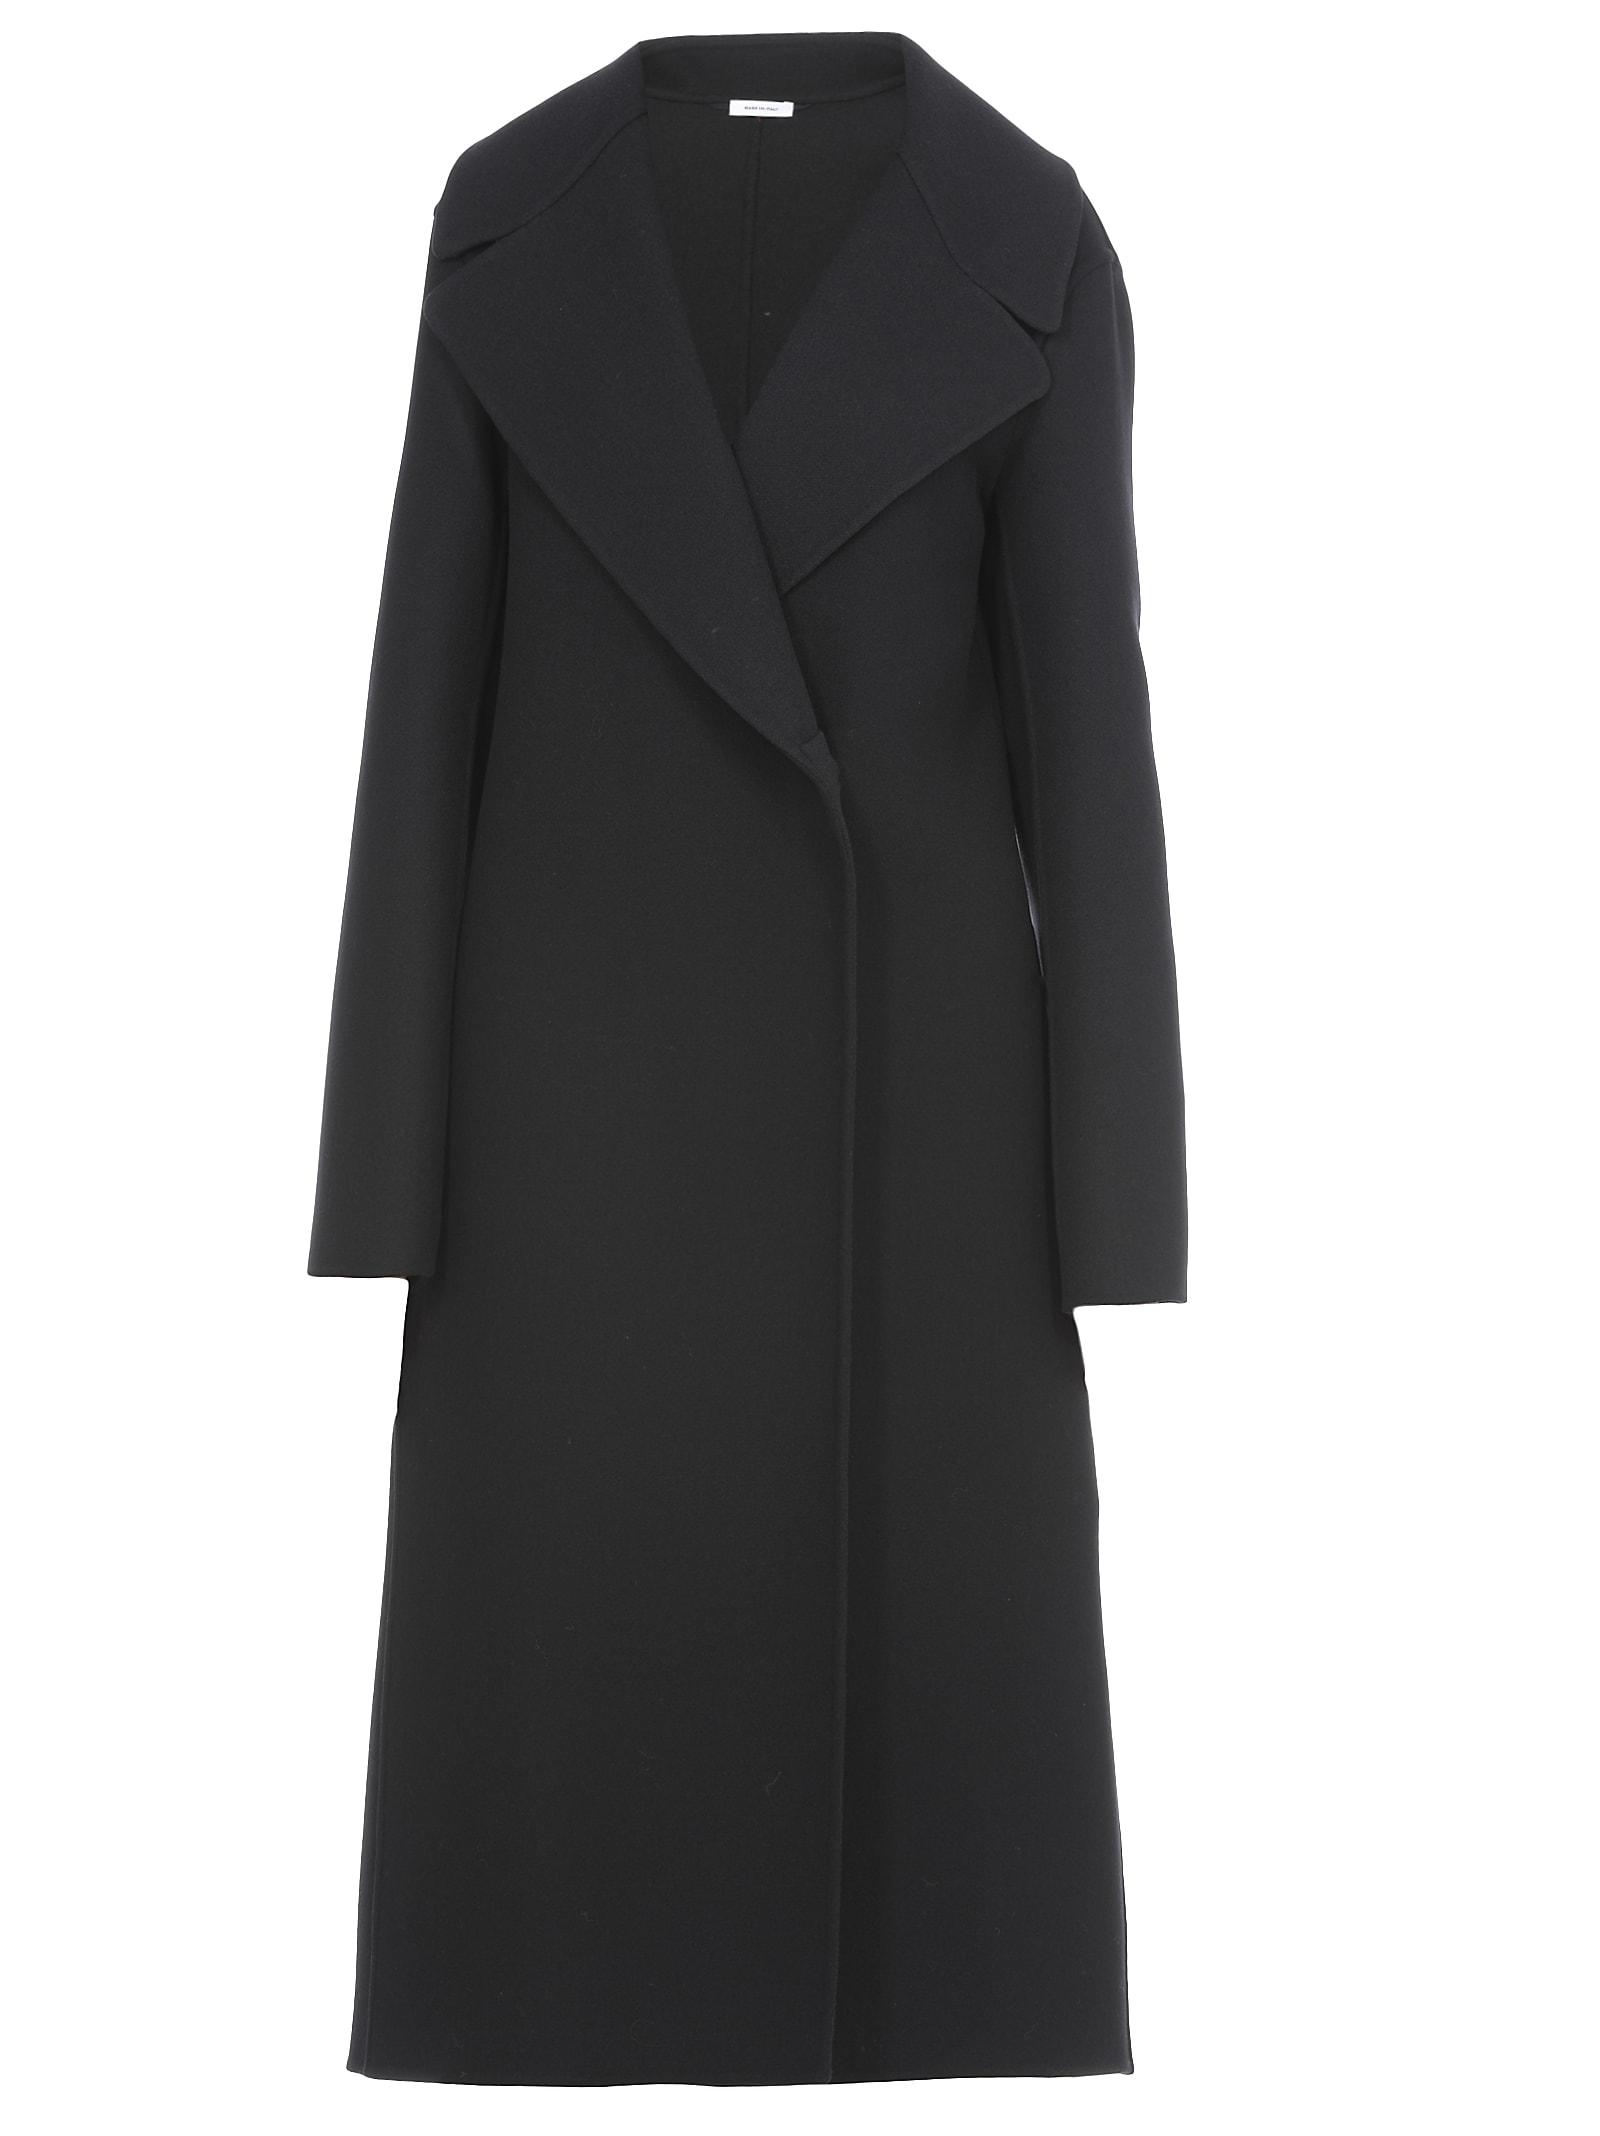 Jil Sander Francoforte Coat